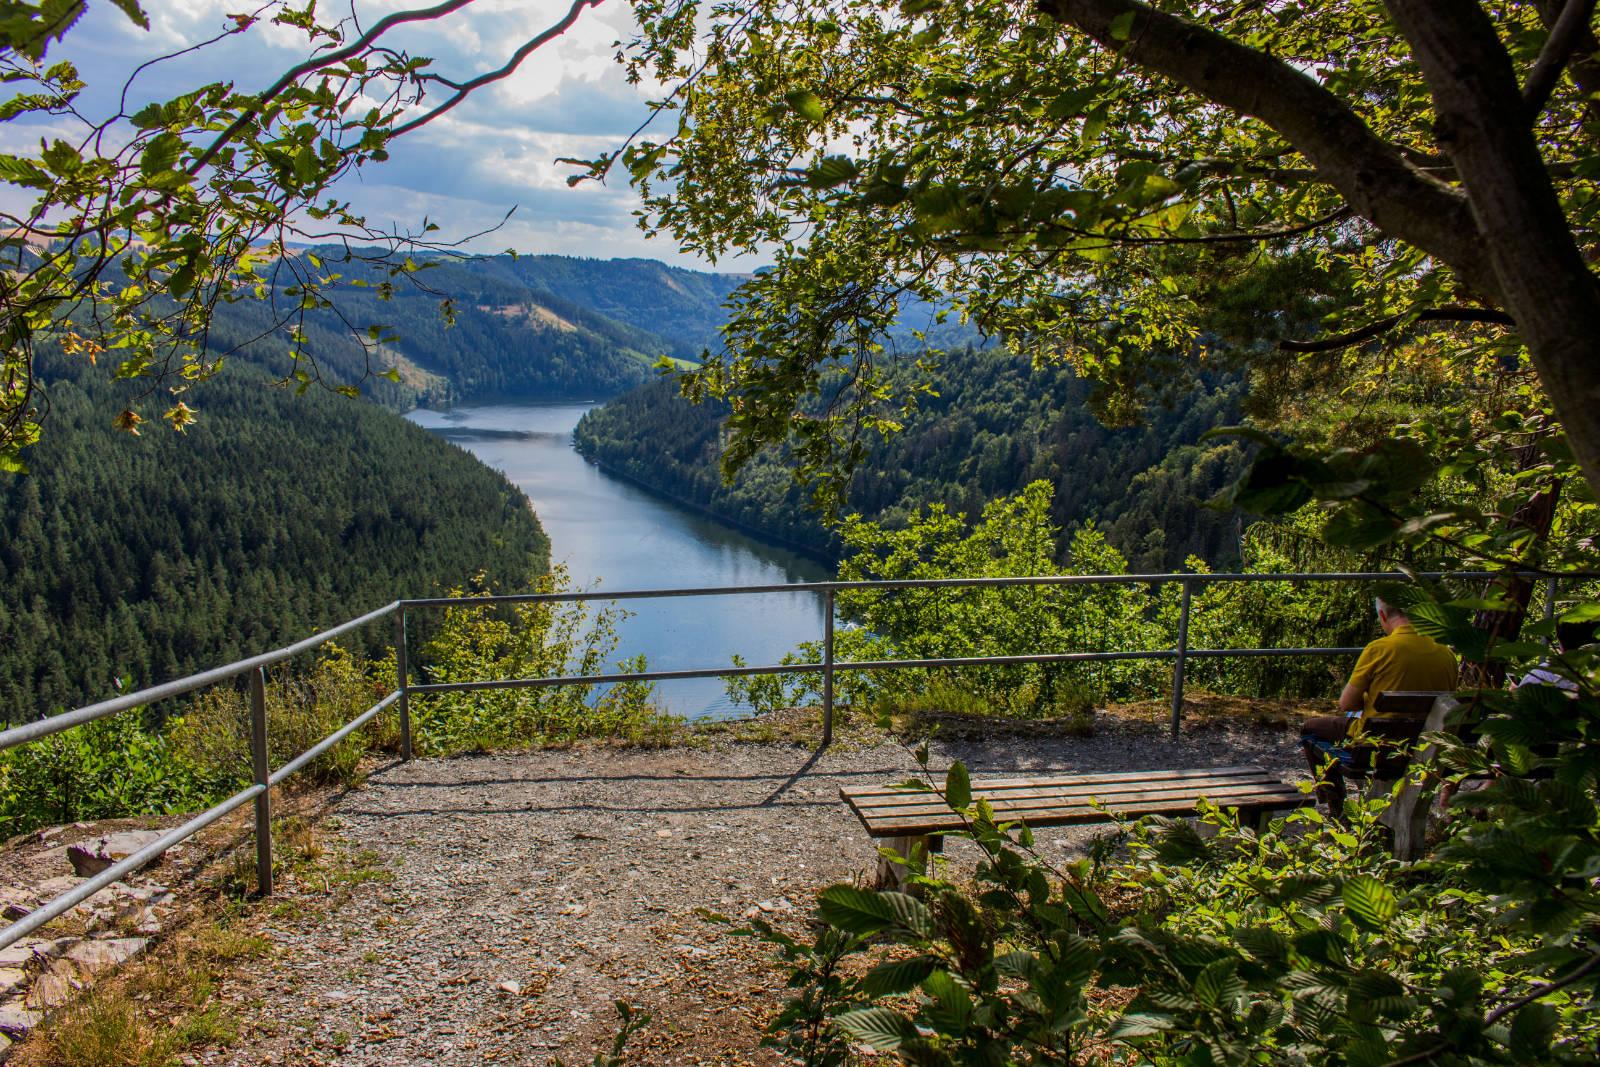 Saaletal (Saale valley)